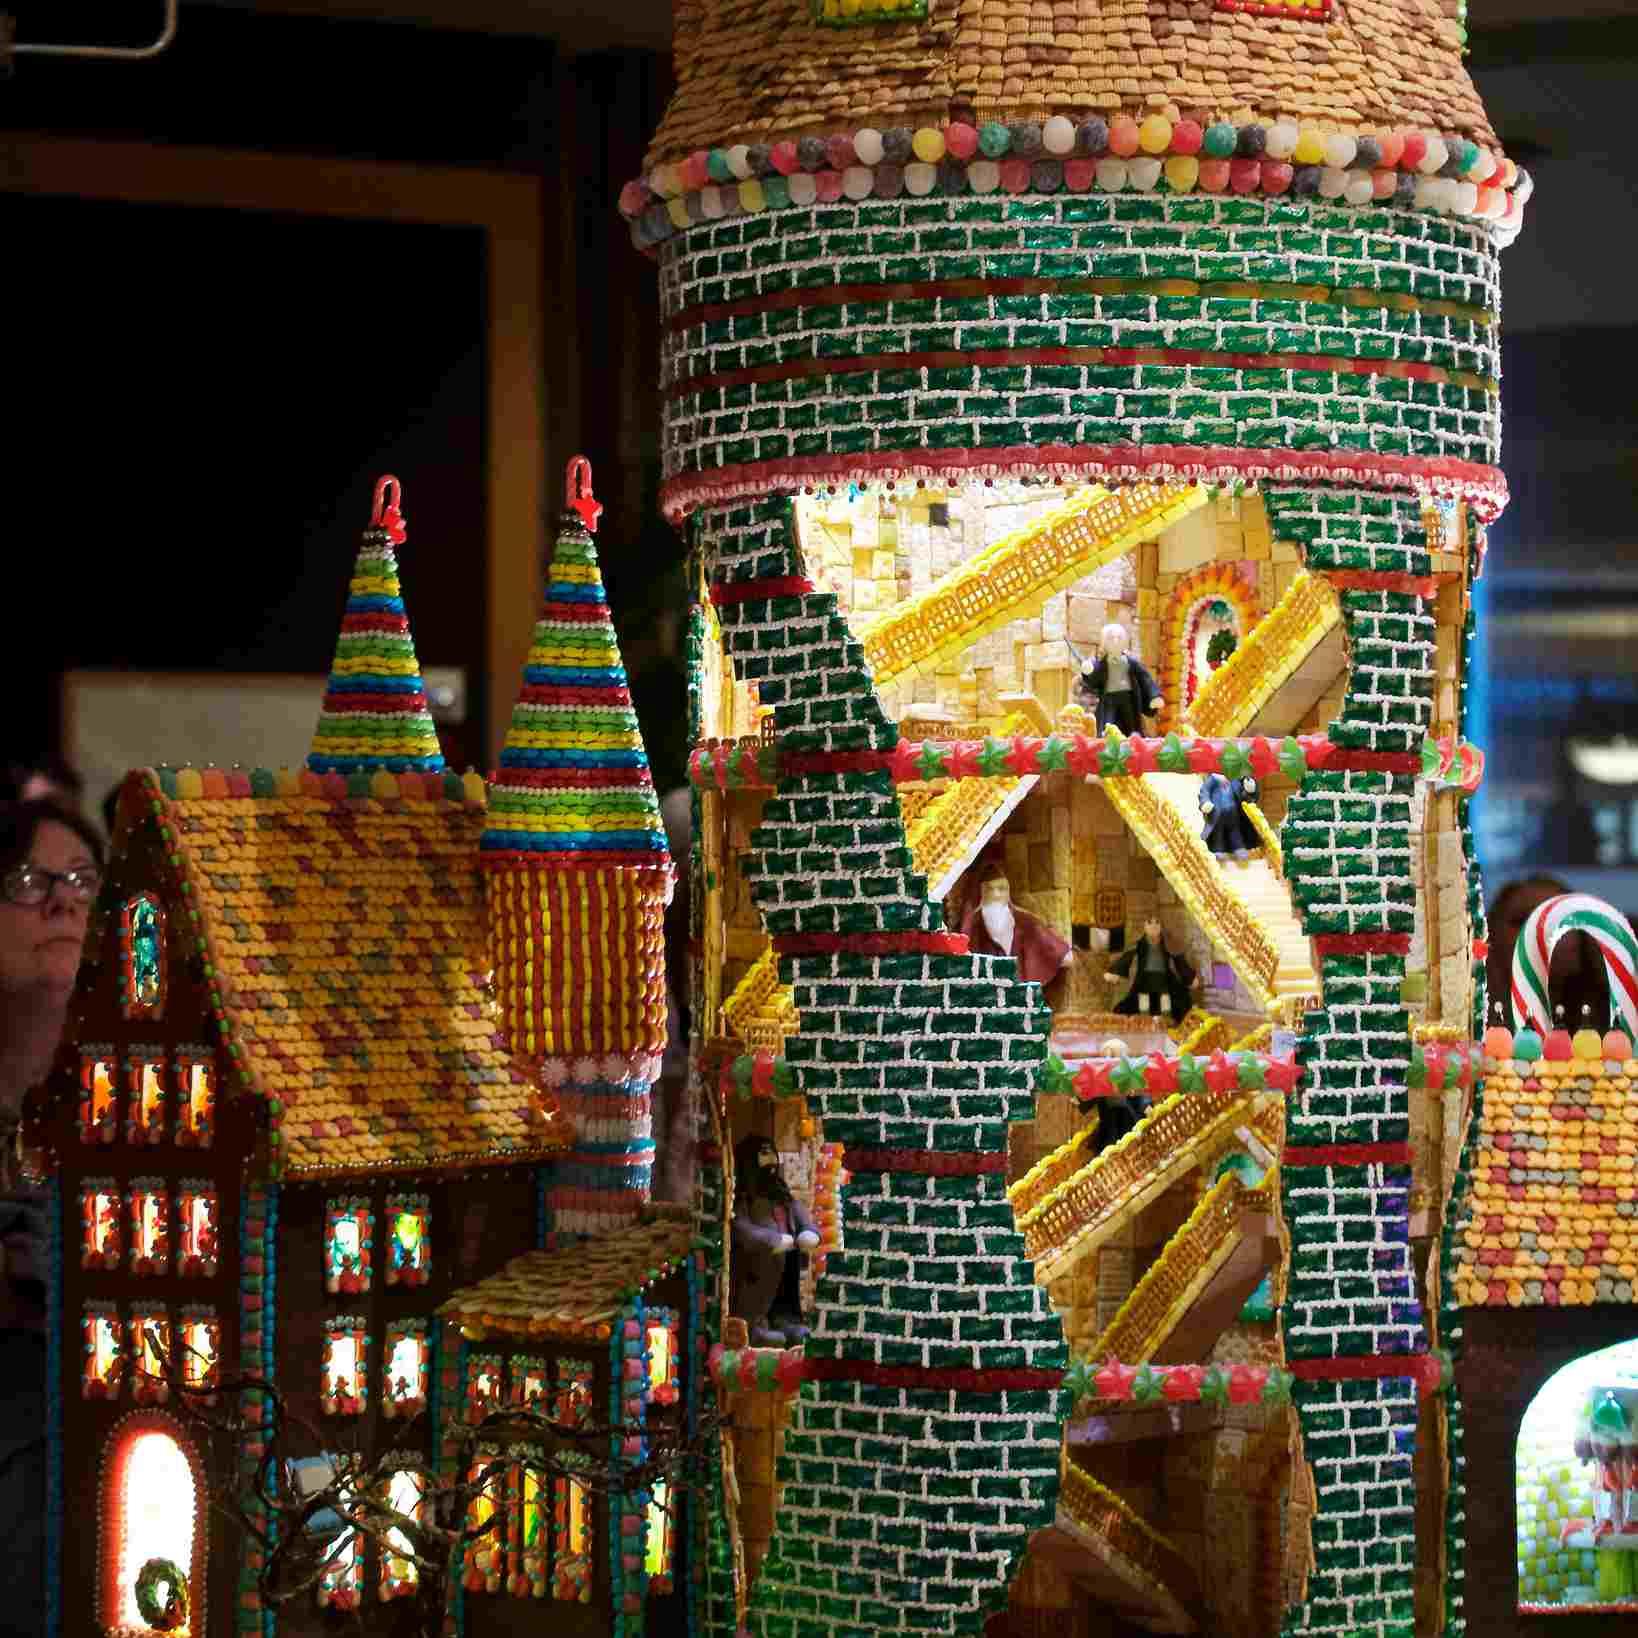 Gingerbread Village in Seattle